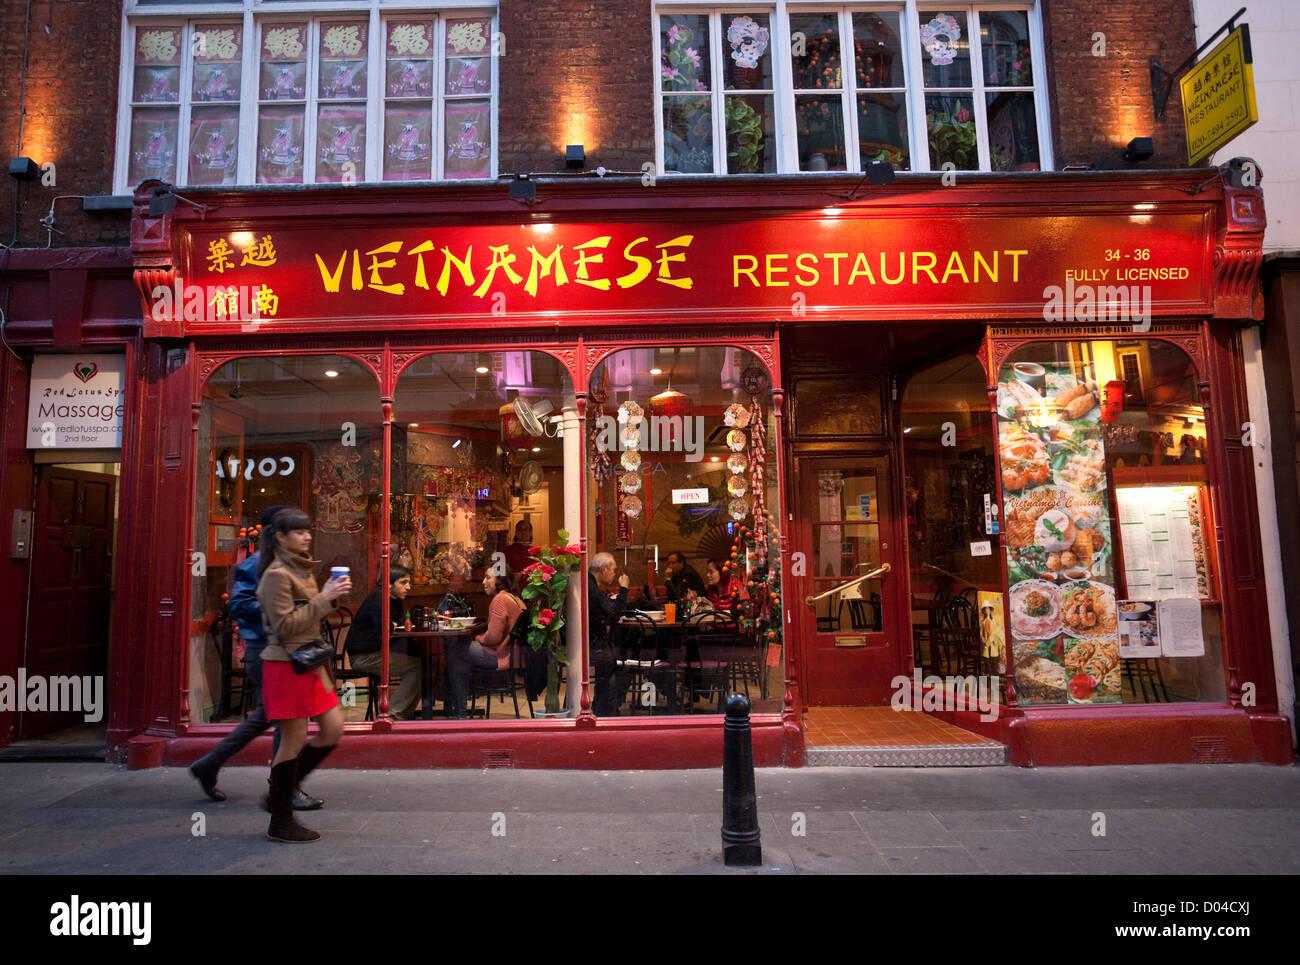 Vietnamese Restaurant Chinatown London England Uk Stock